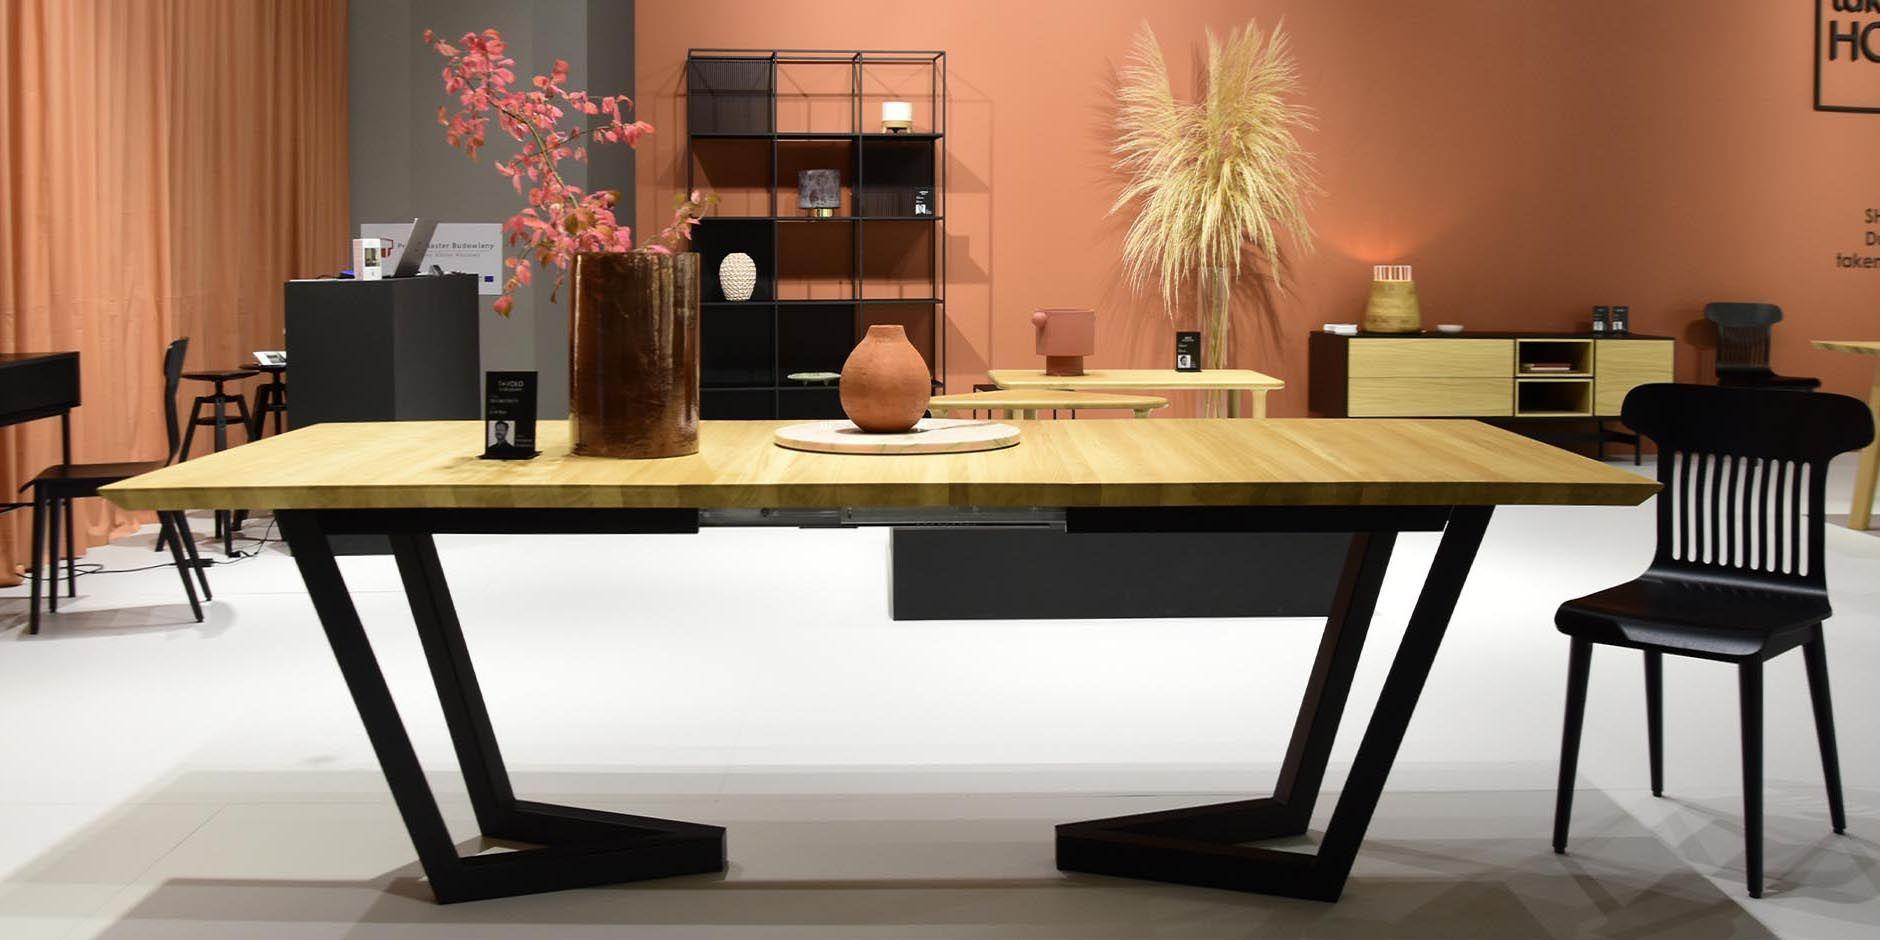 tavolo debowy stol w stylu skandynawskim